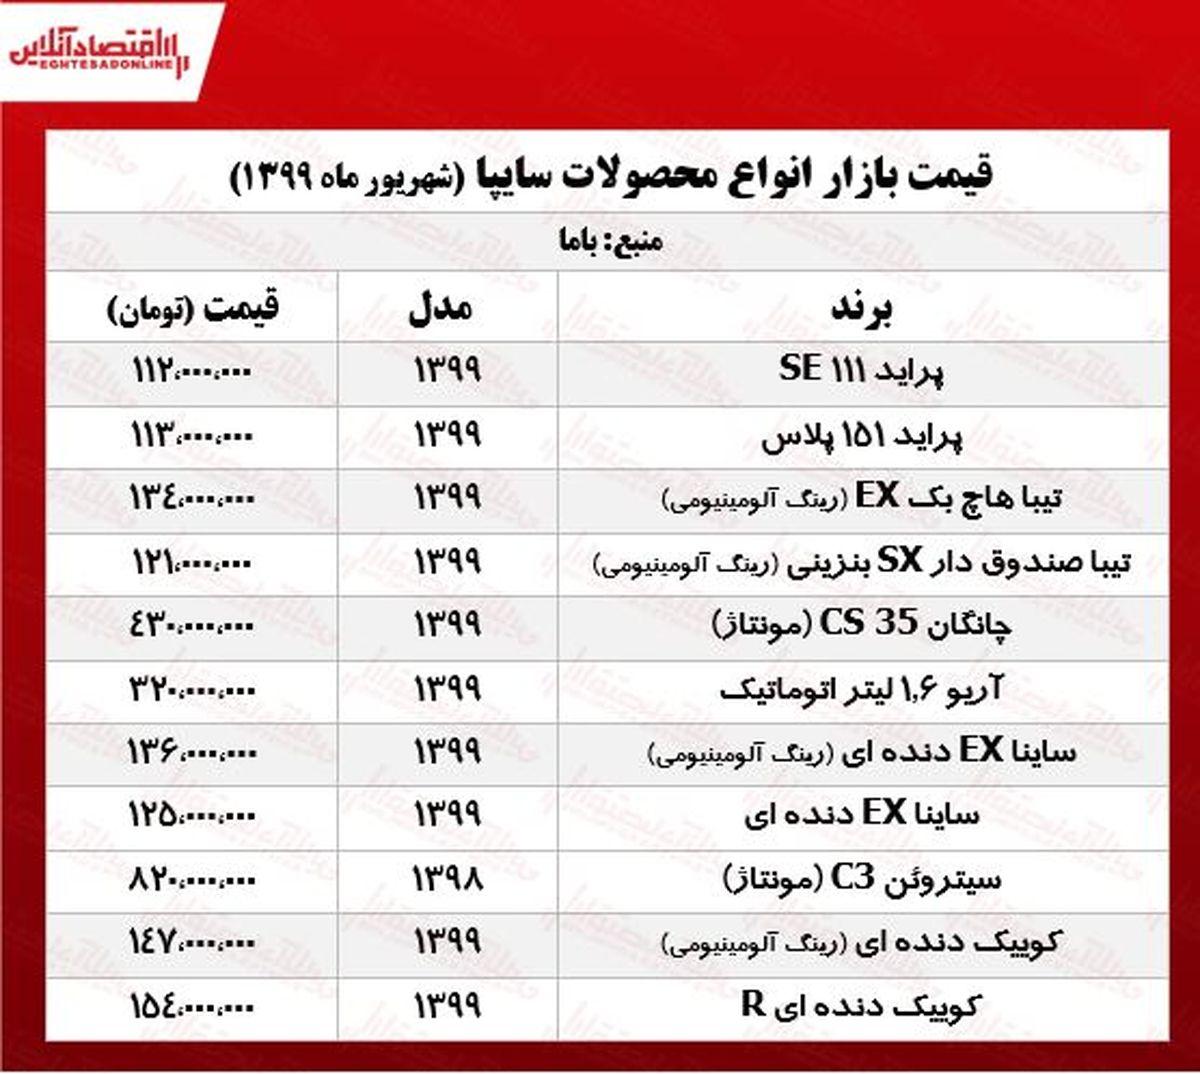 قیمت جدید محصولات سایپا +جدول